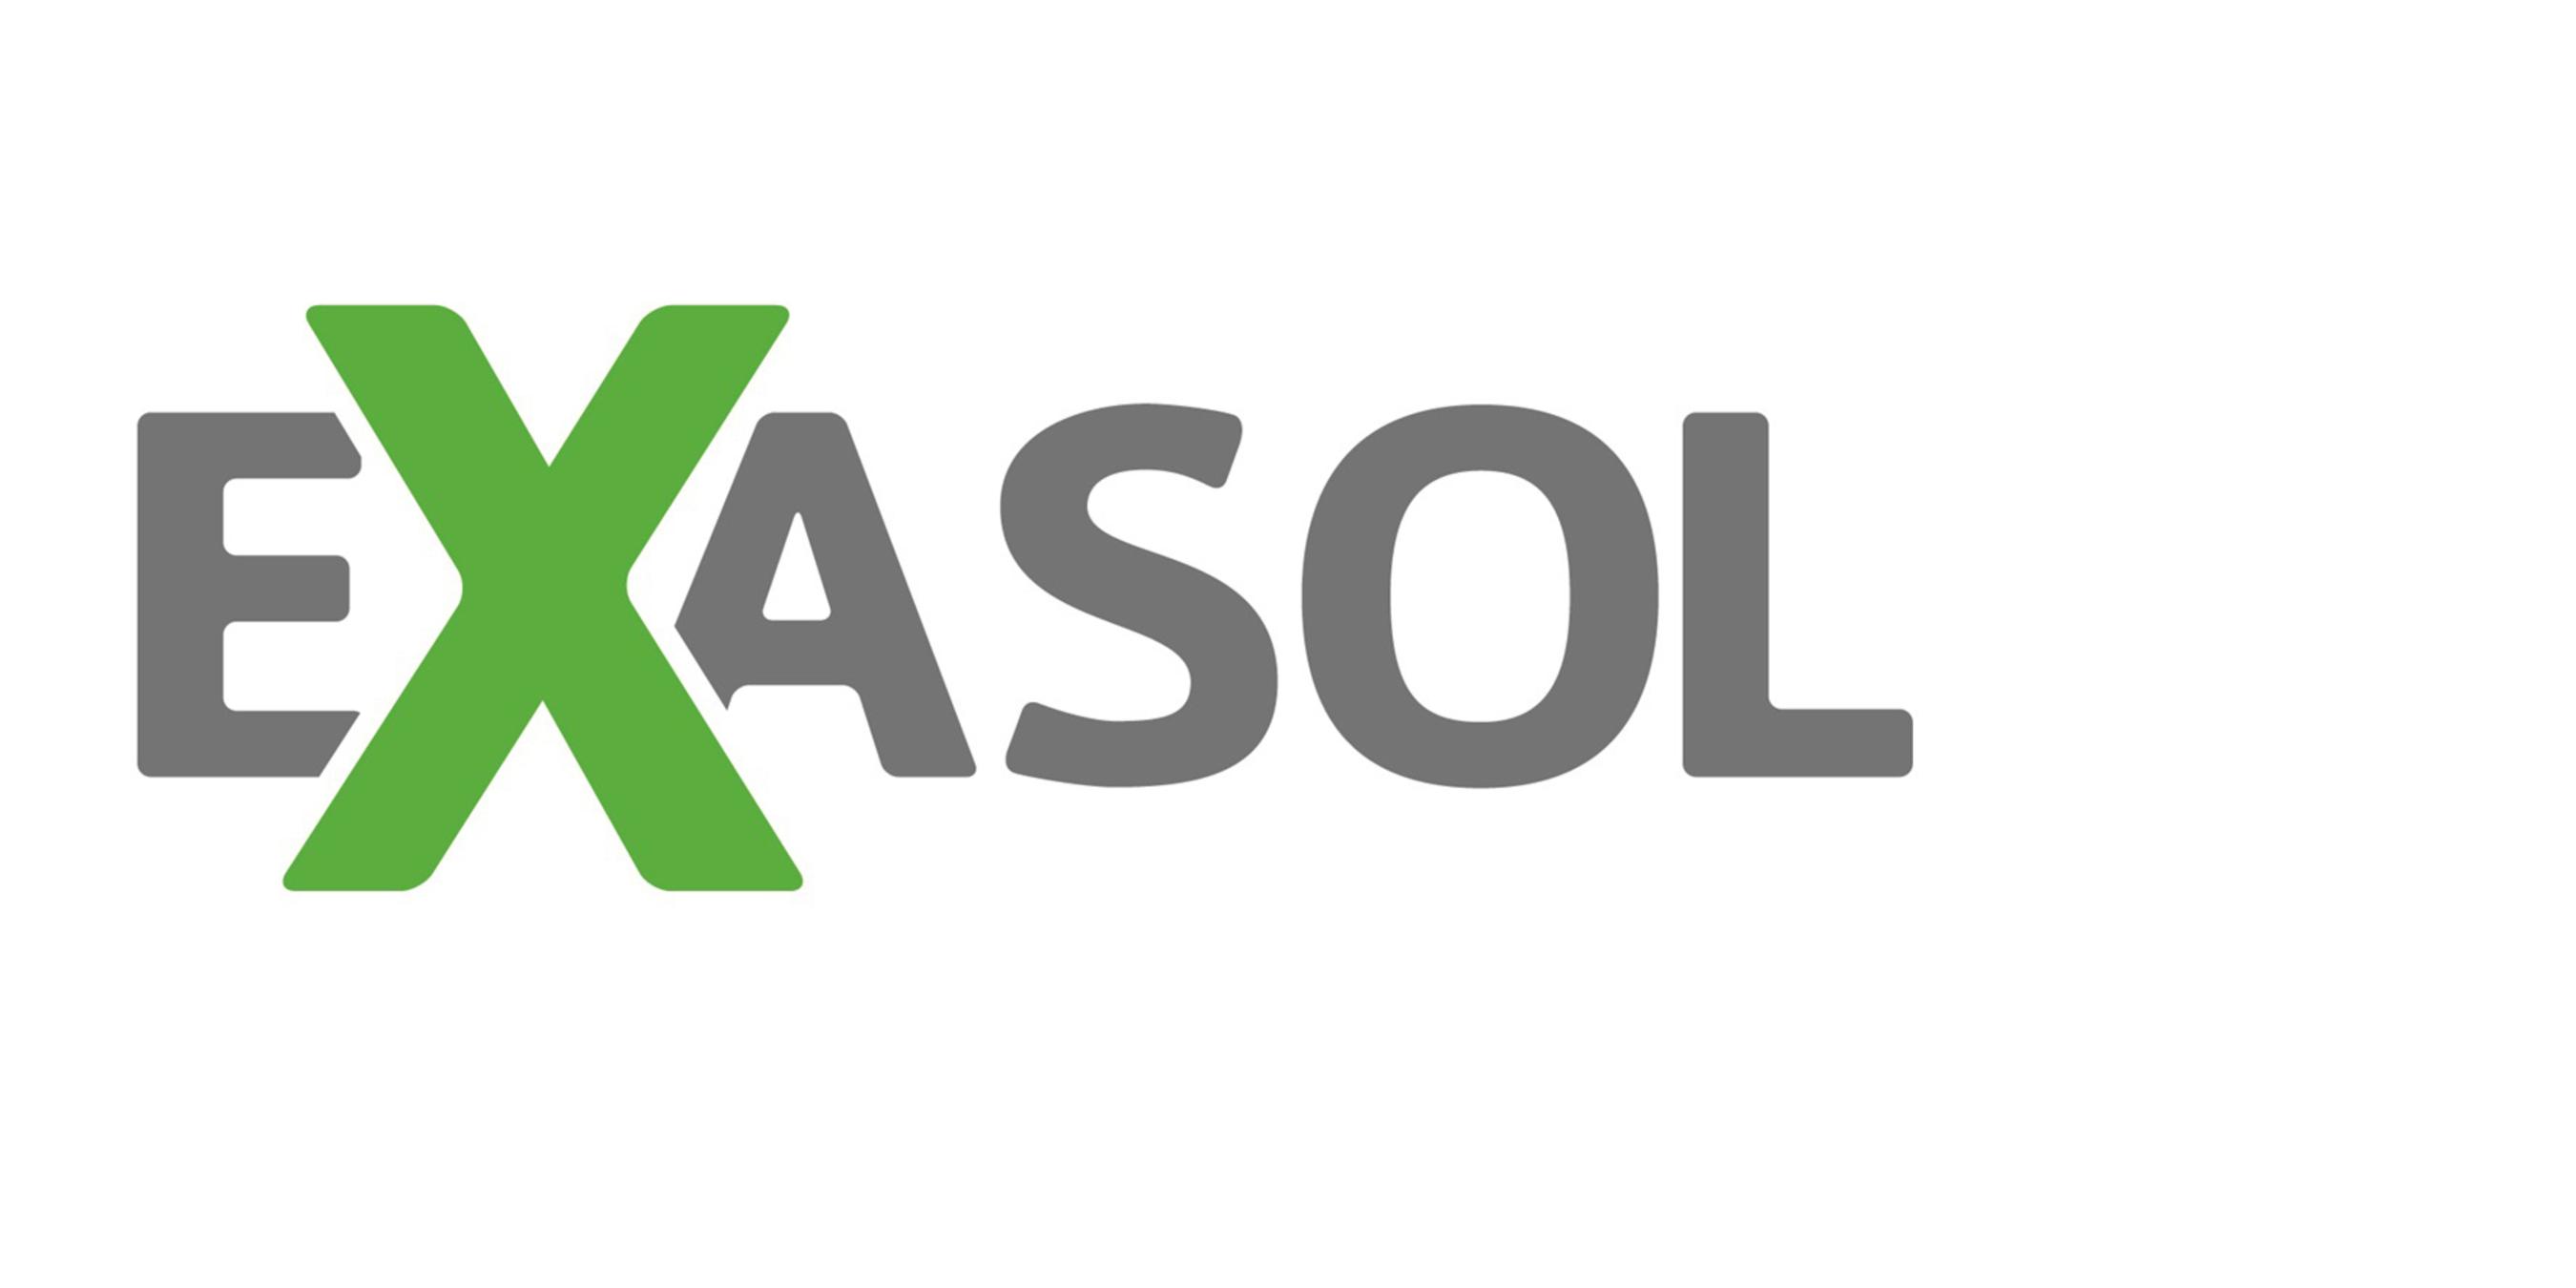 Gartner Magic Quadrant bewertet EXASOL mit Blick auf 'Vision' und 'Umsetzungsfähigkeit' als